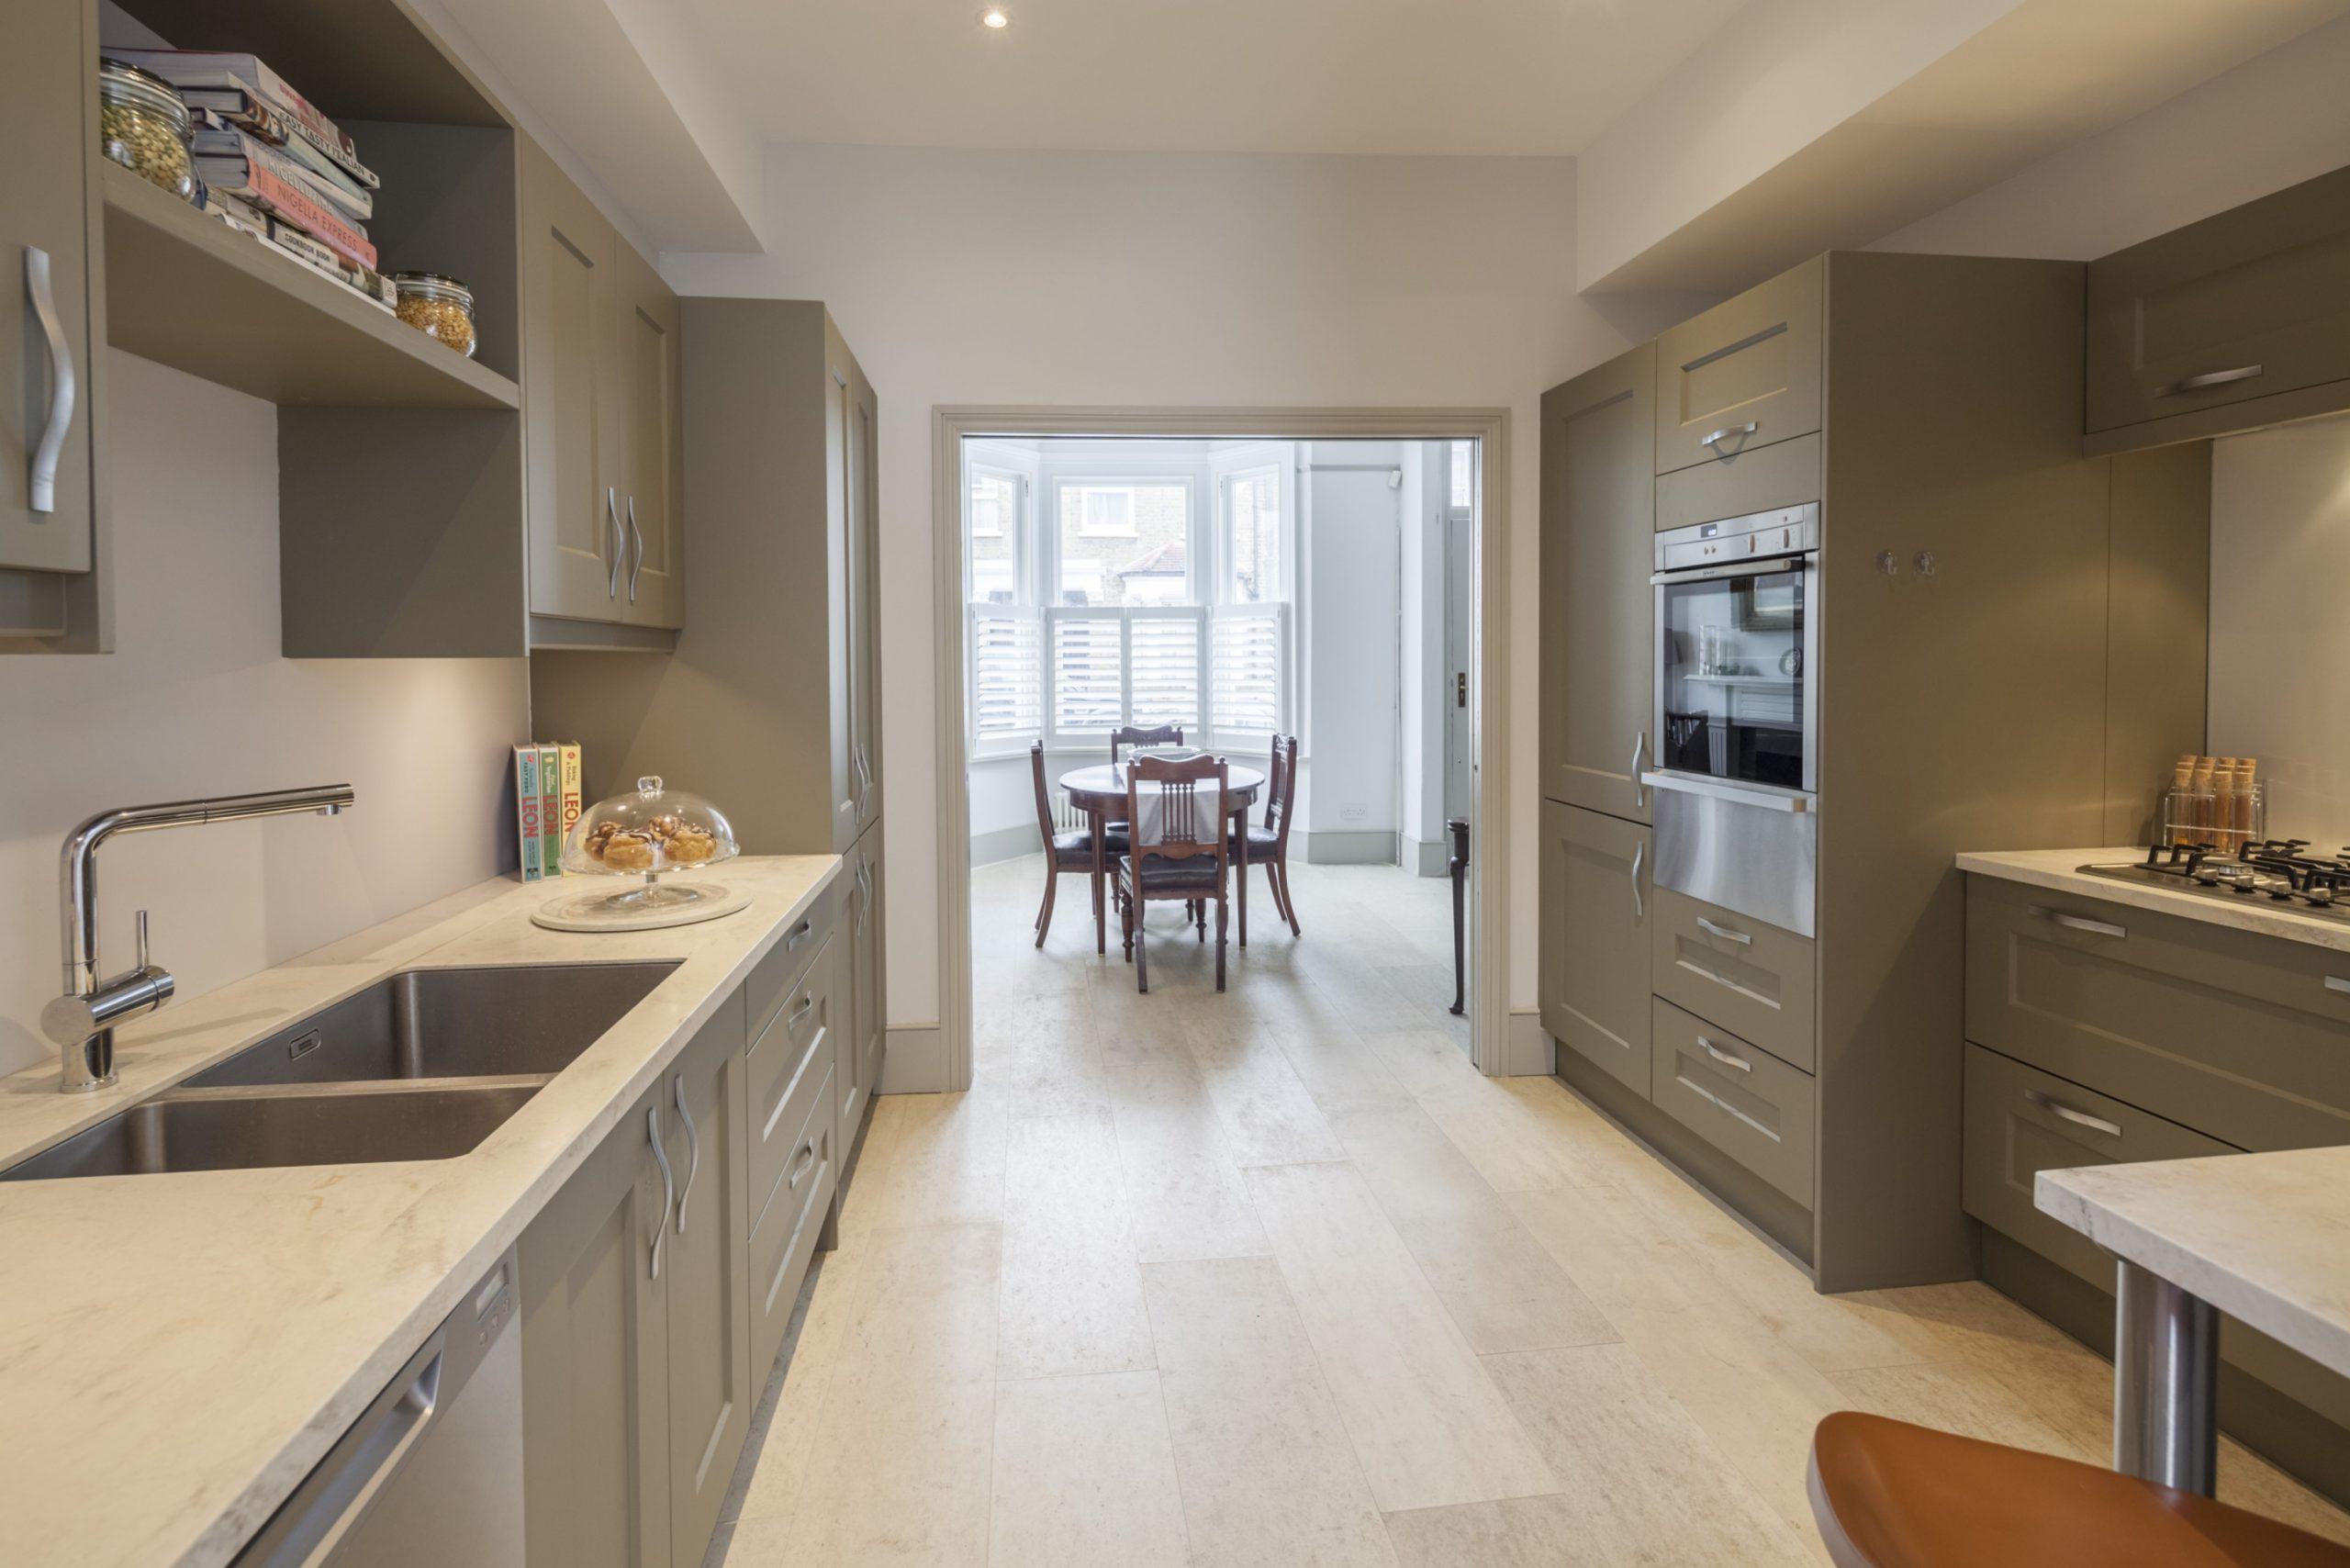 rjv-home-design-refurbishment-london-5f2136a5b6f1f